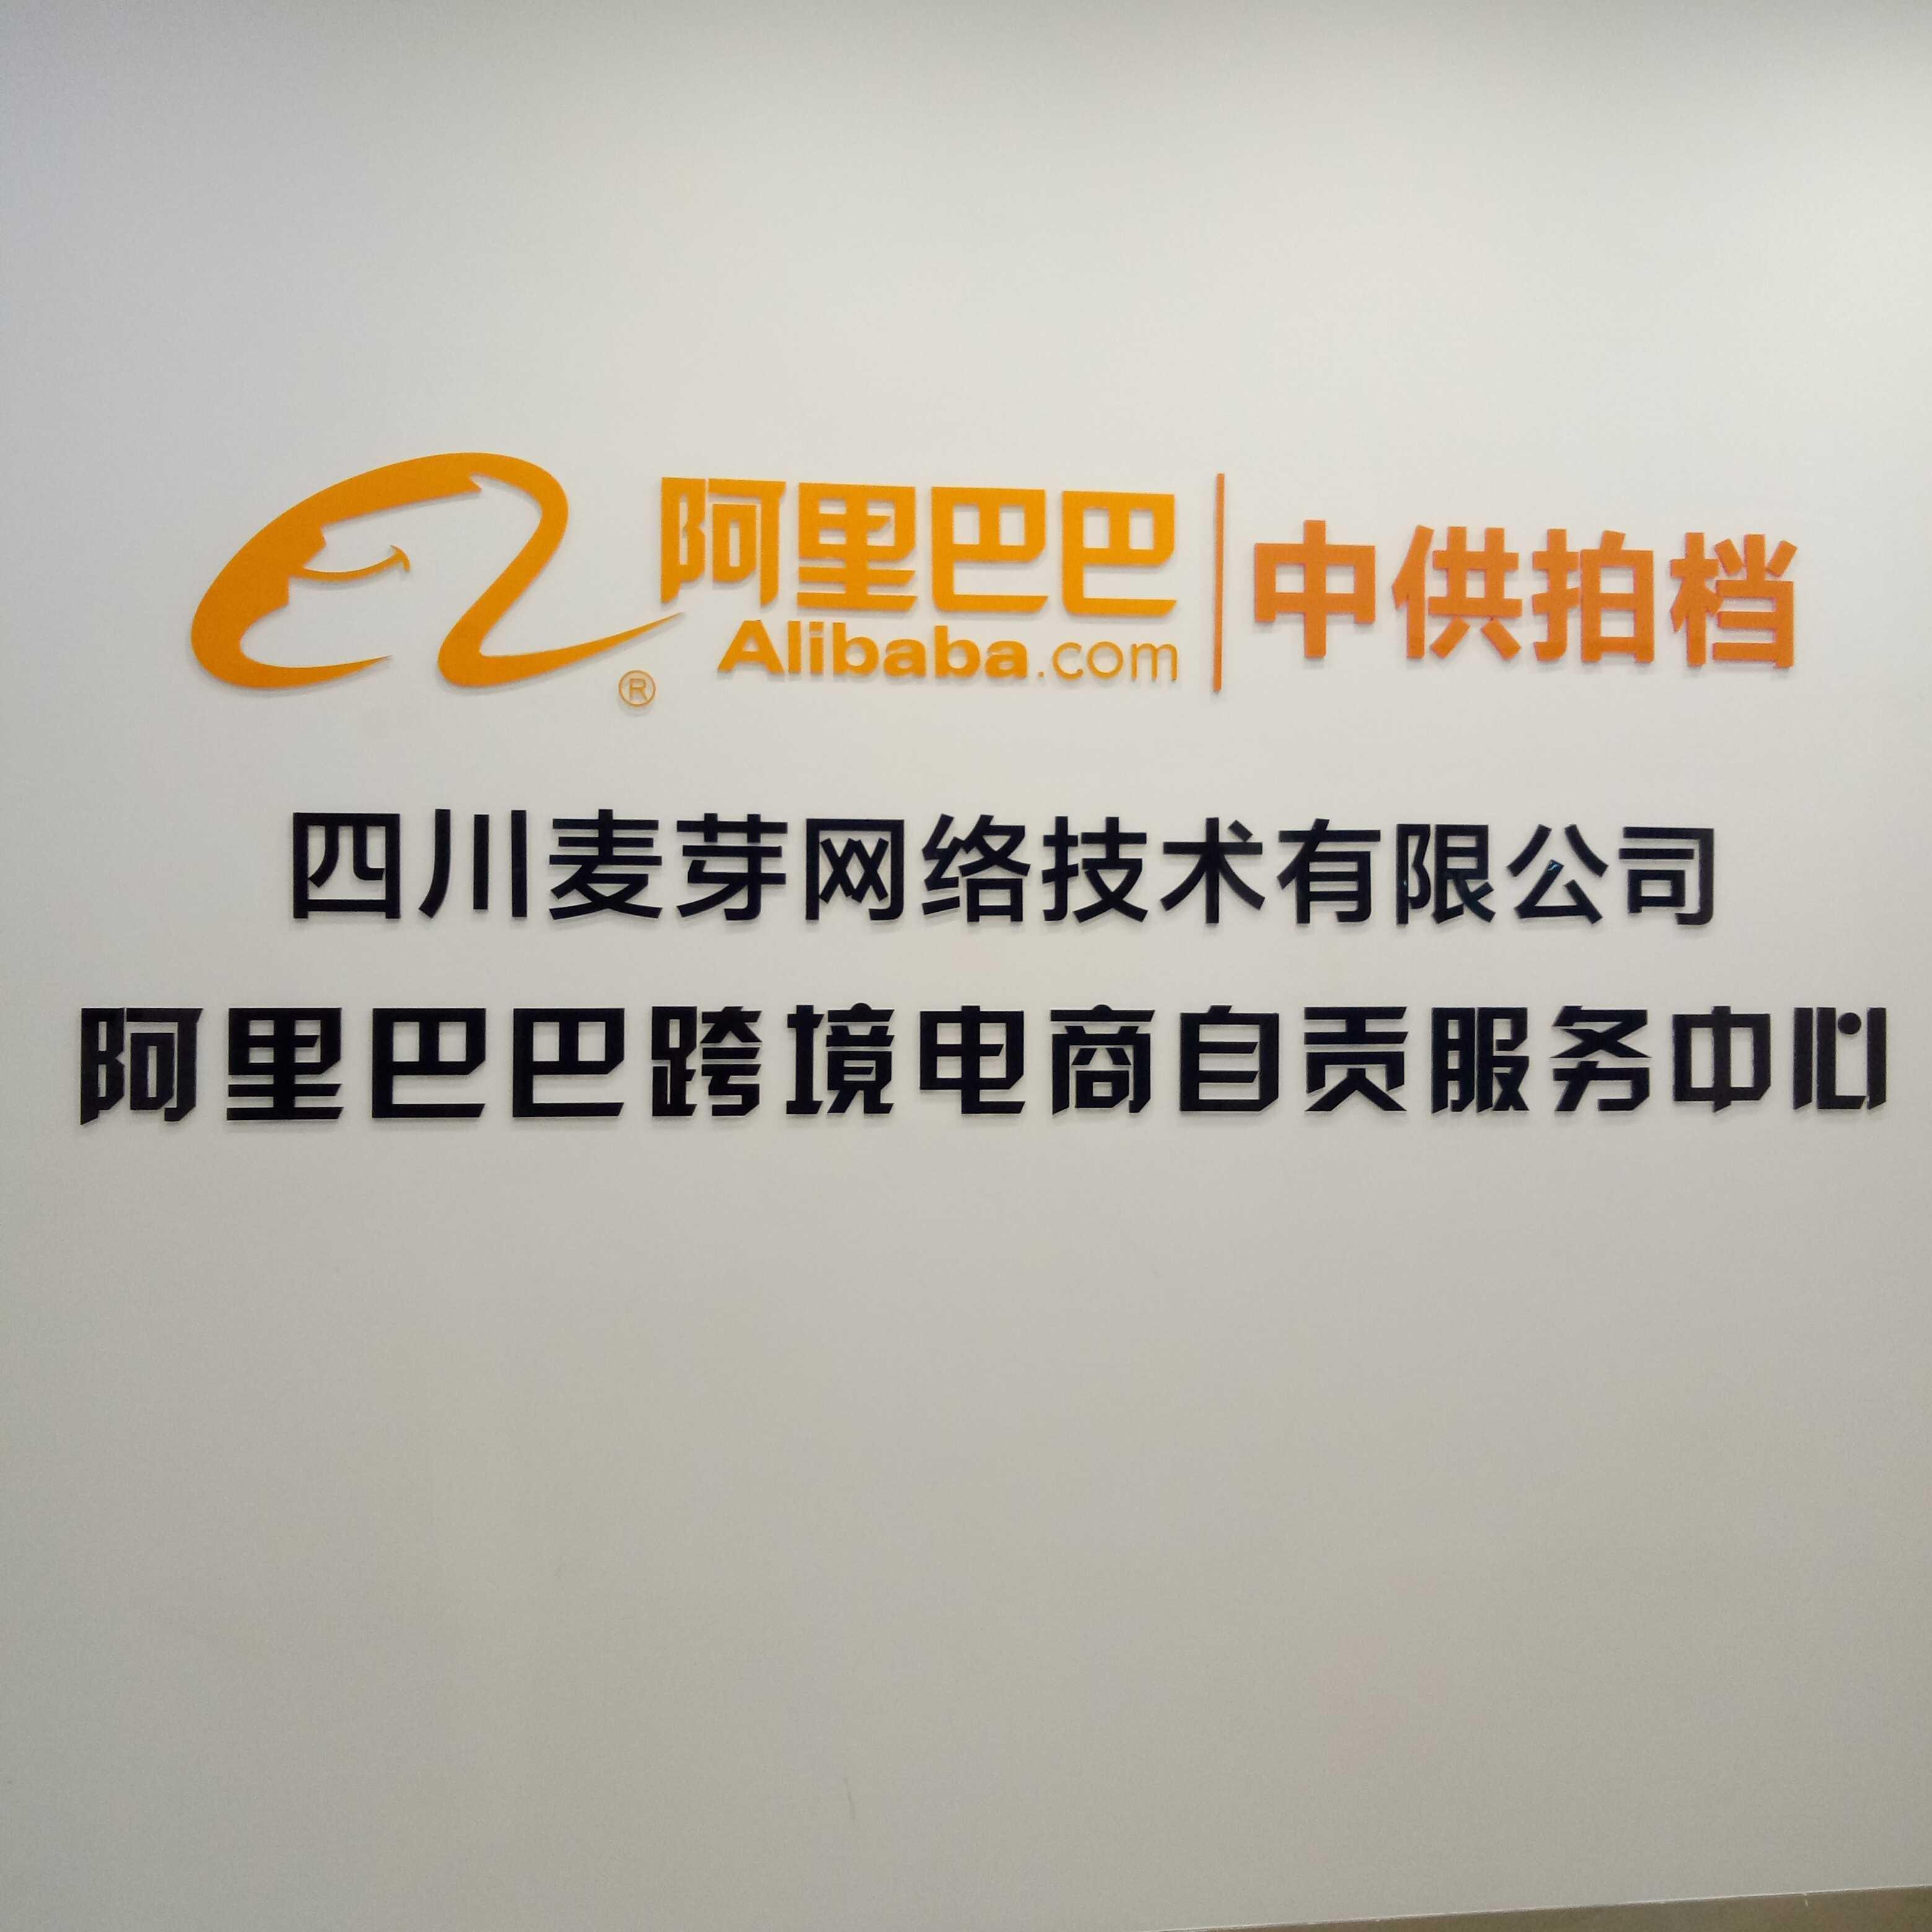 四川麦芽网络技术有限公司